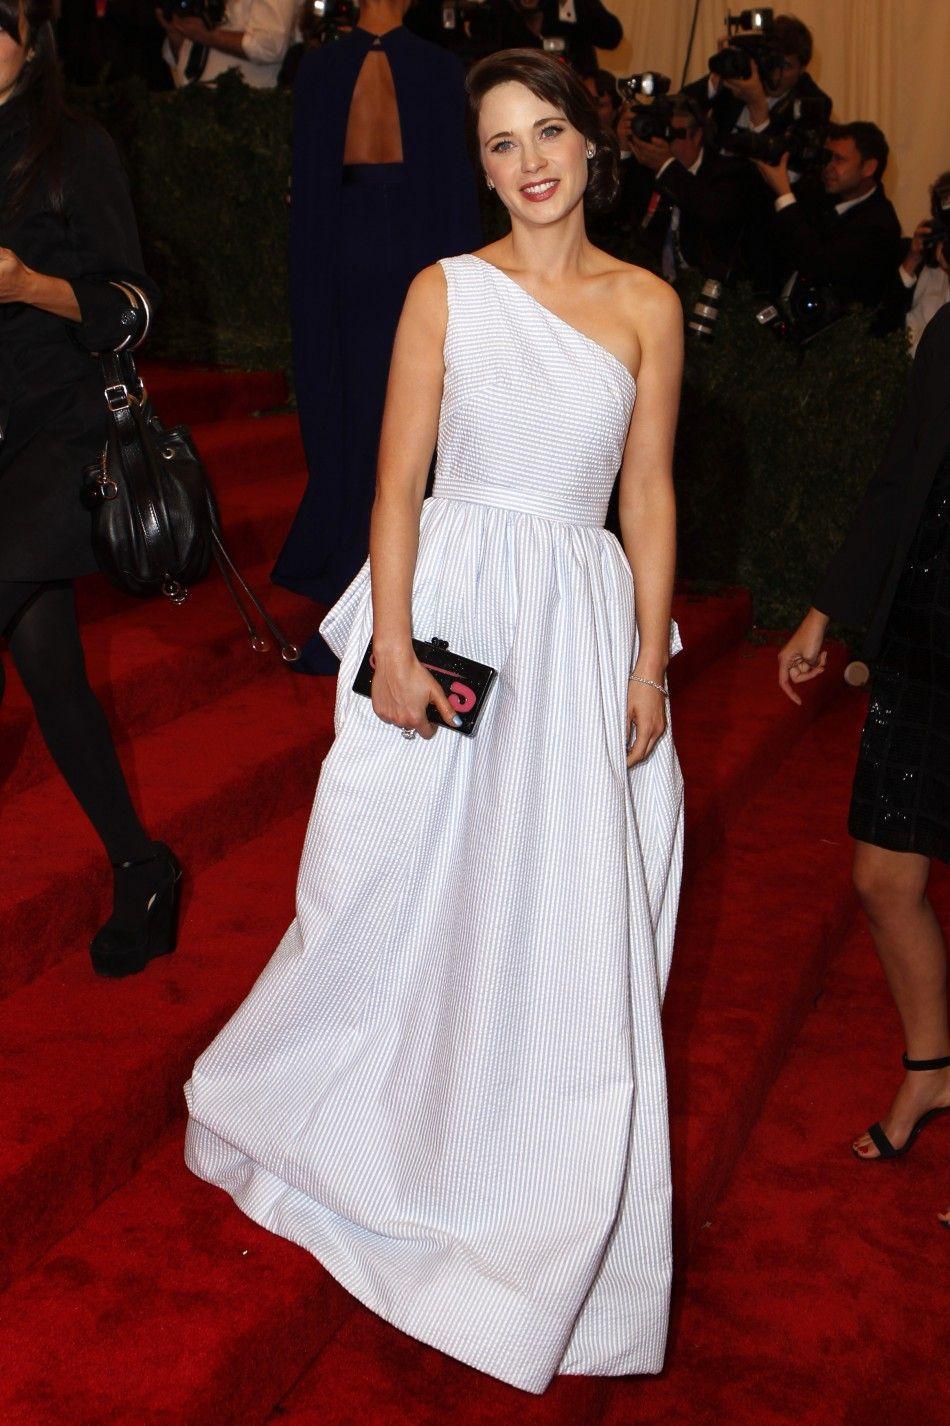 Zooey Deschanel Met Gala: No Bangs, Tommy Hilfiger Gown Show ...